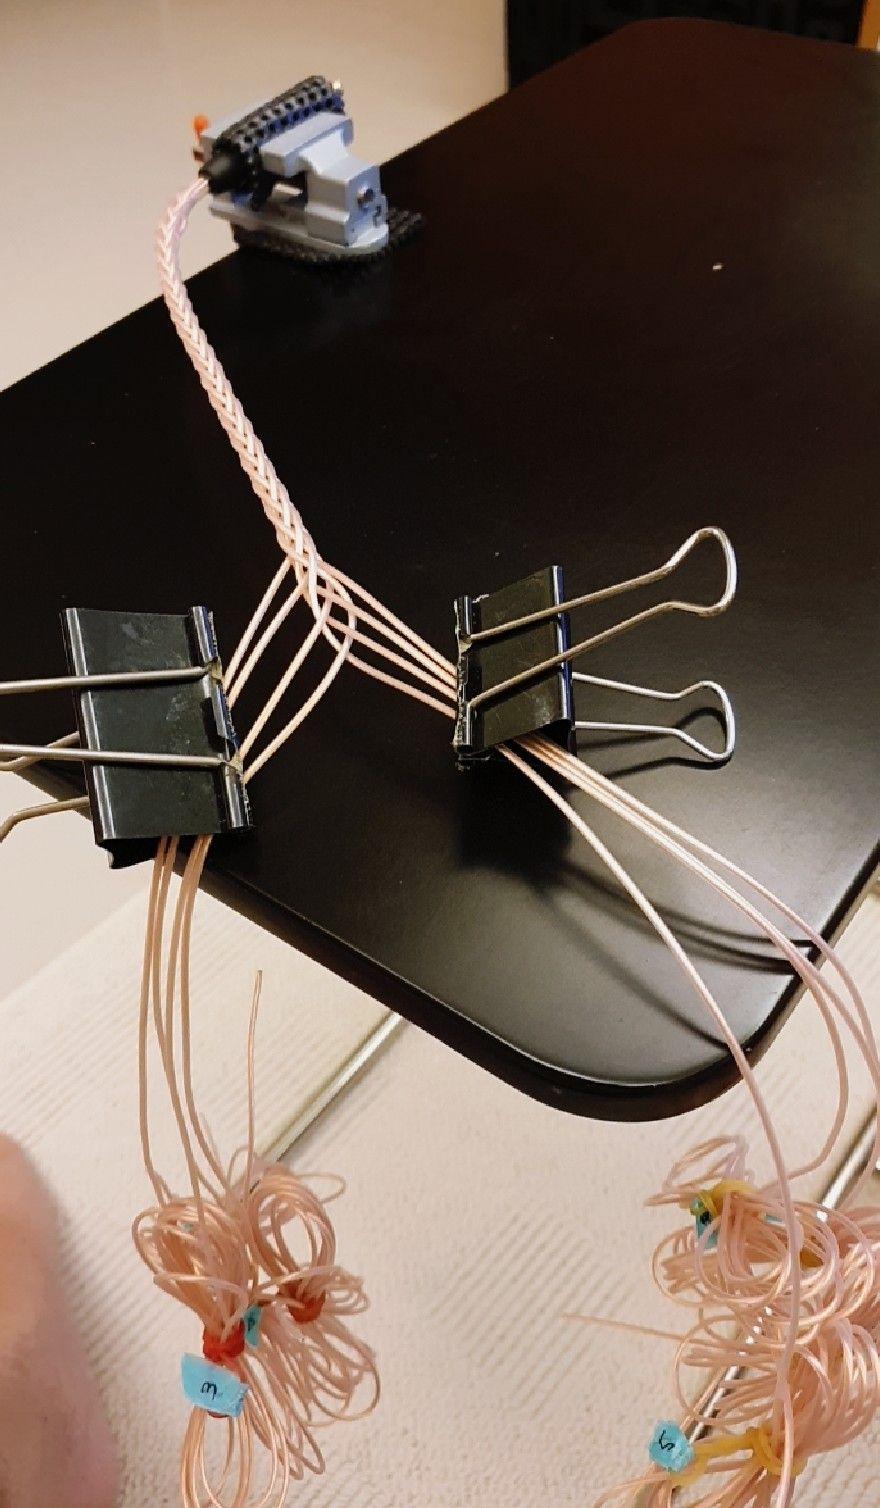 kable1.jpg